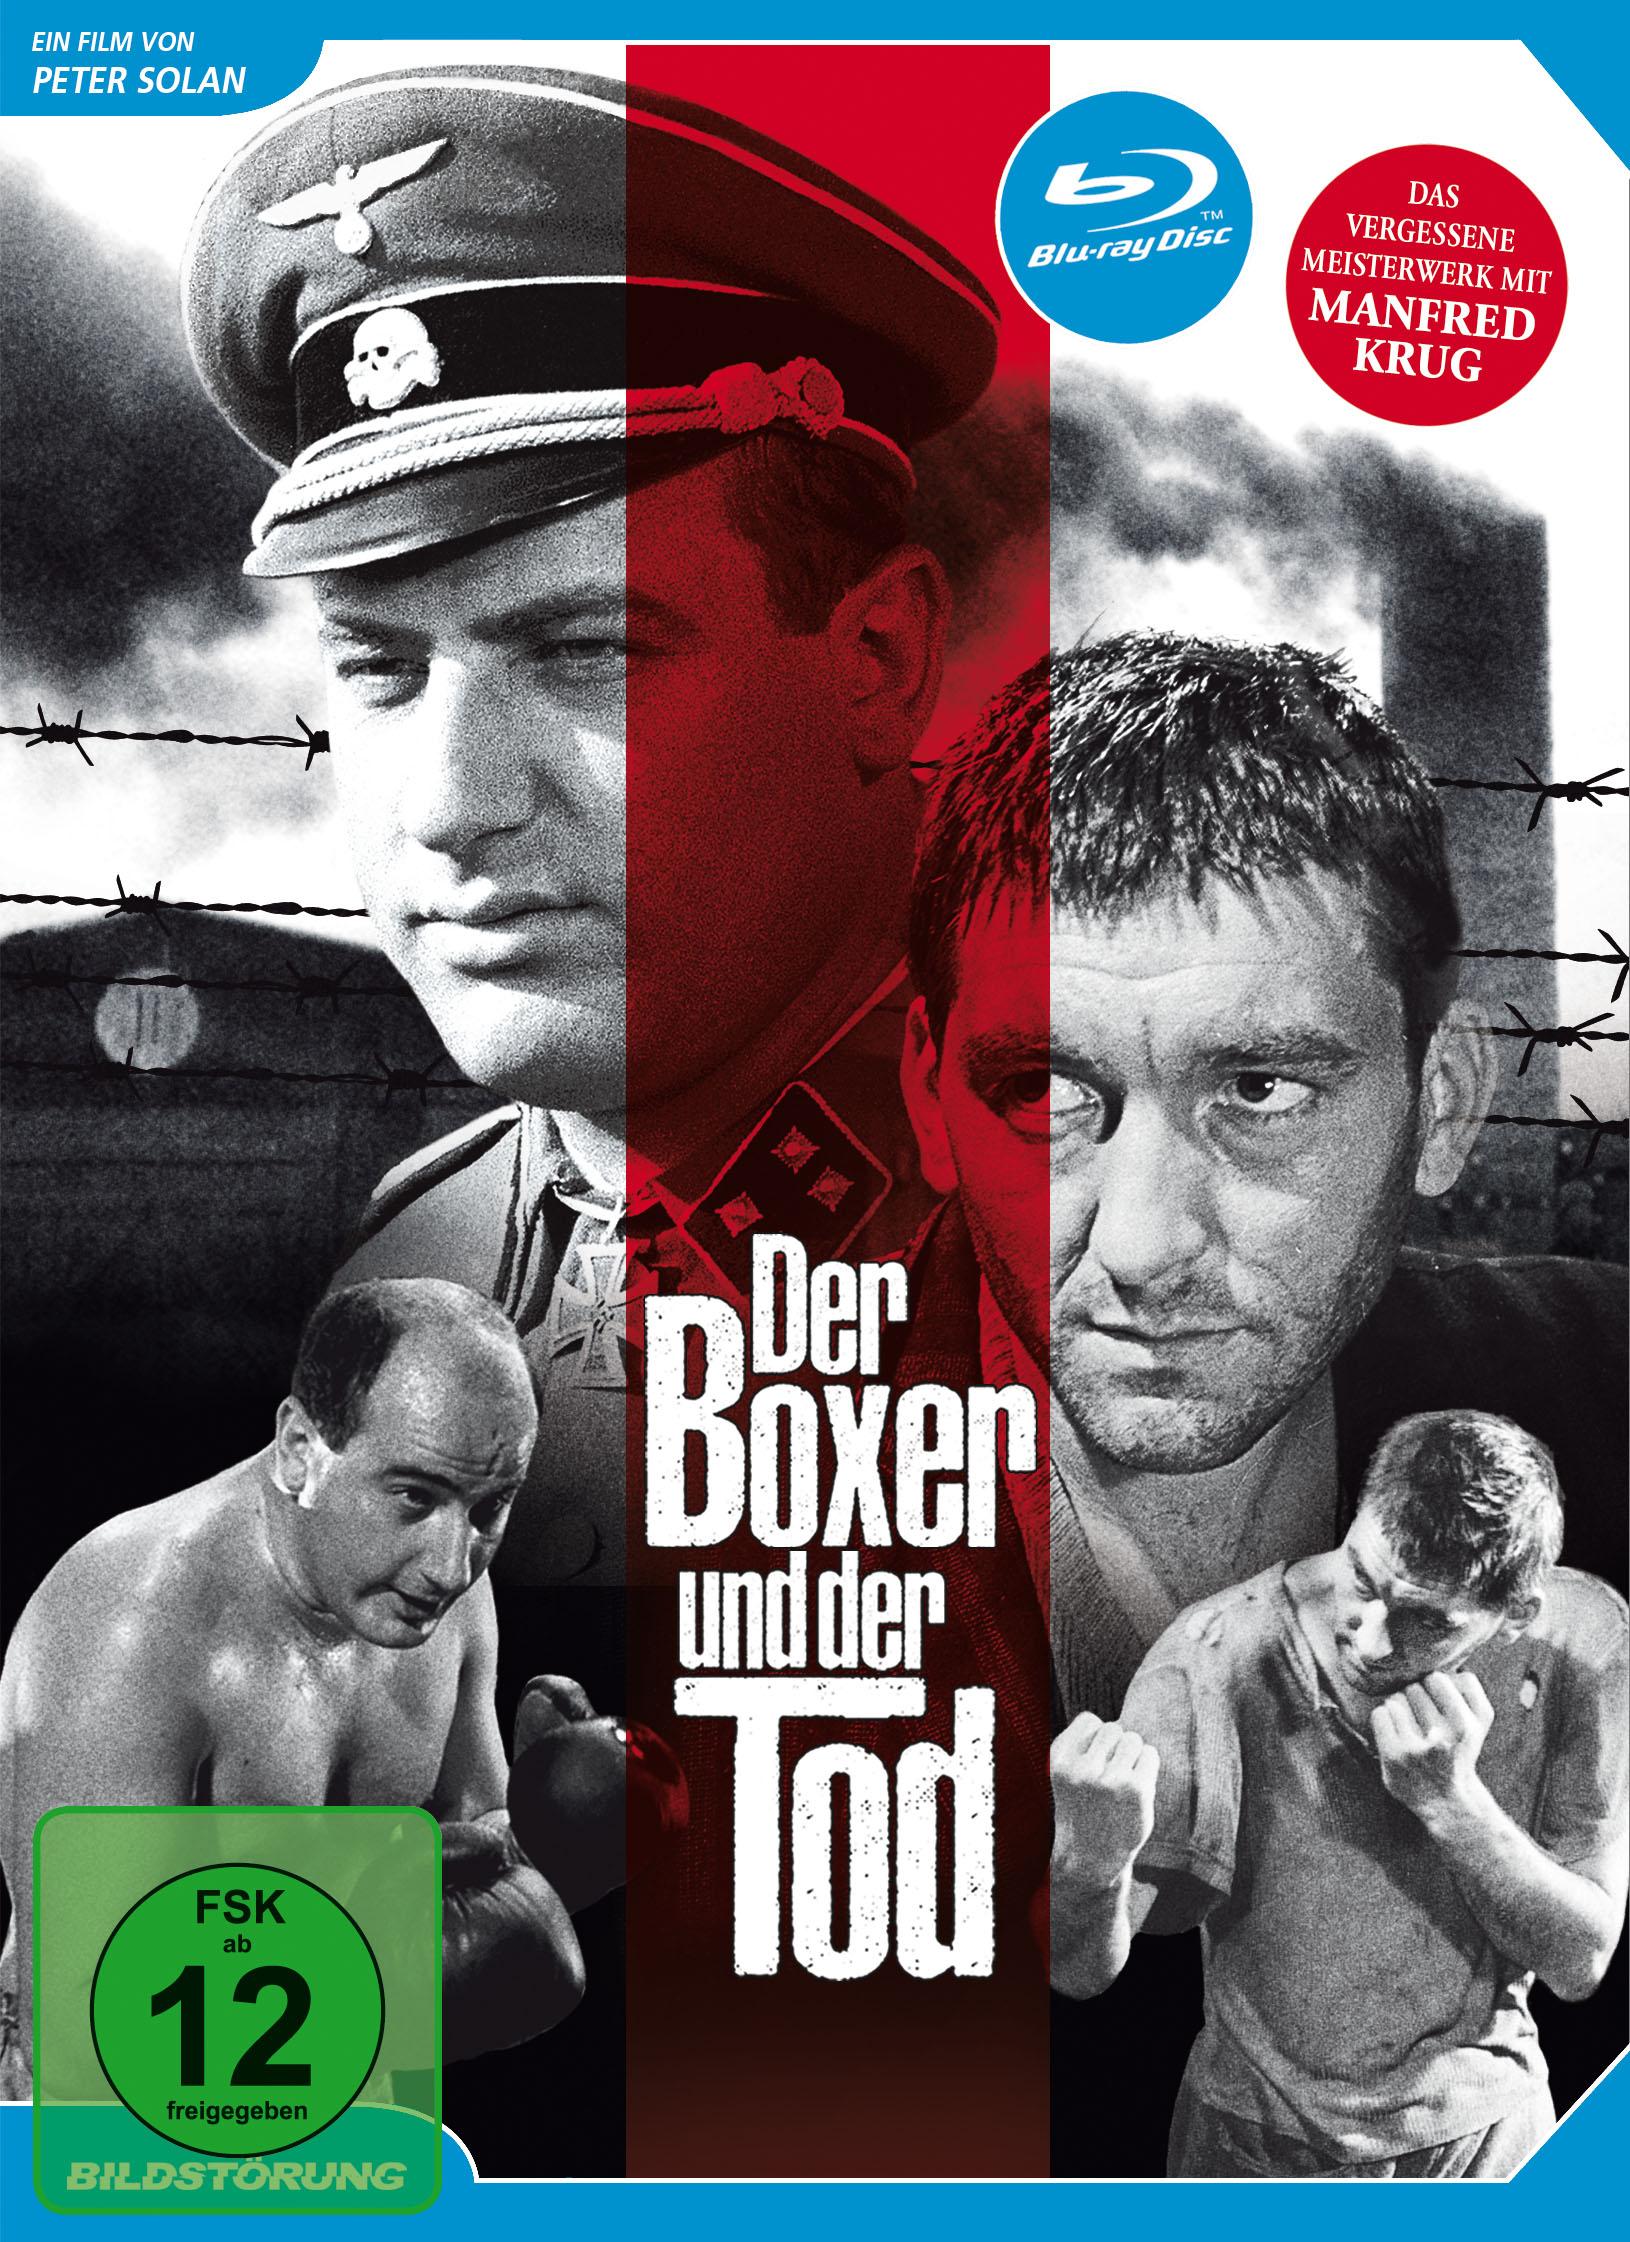 Blu-ray DER BOXER UND DER TOD